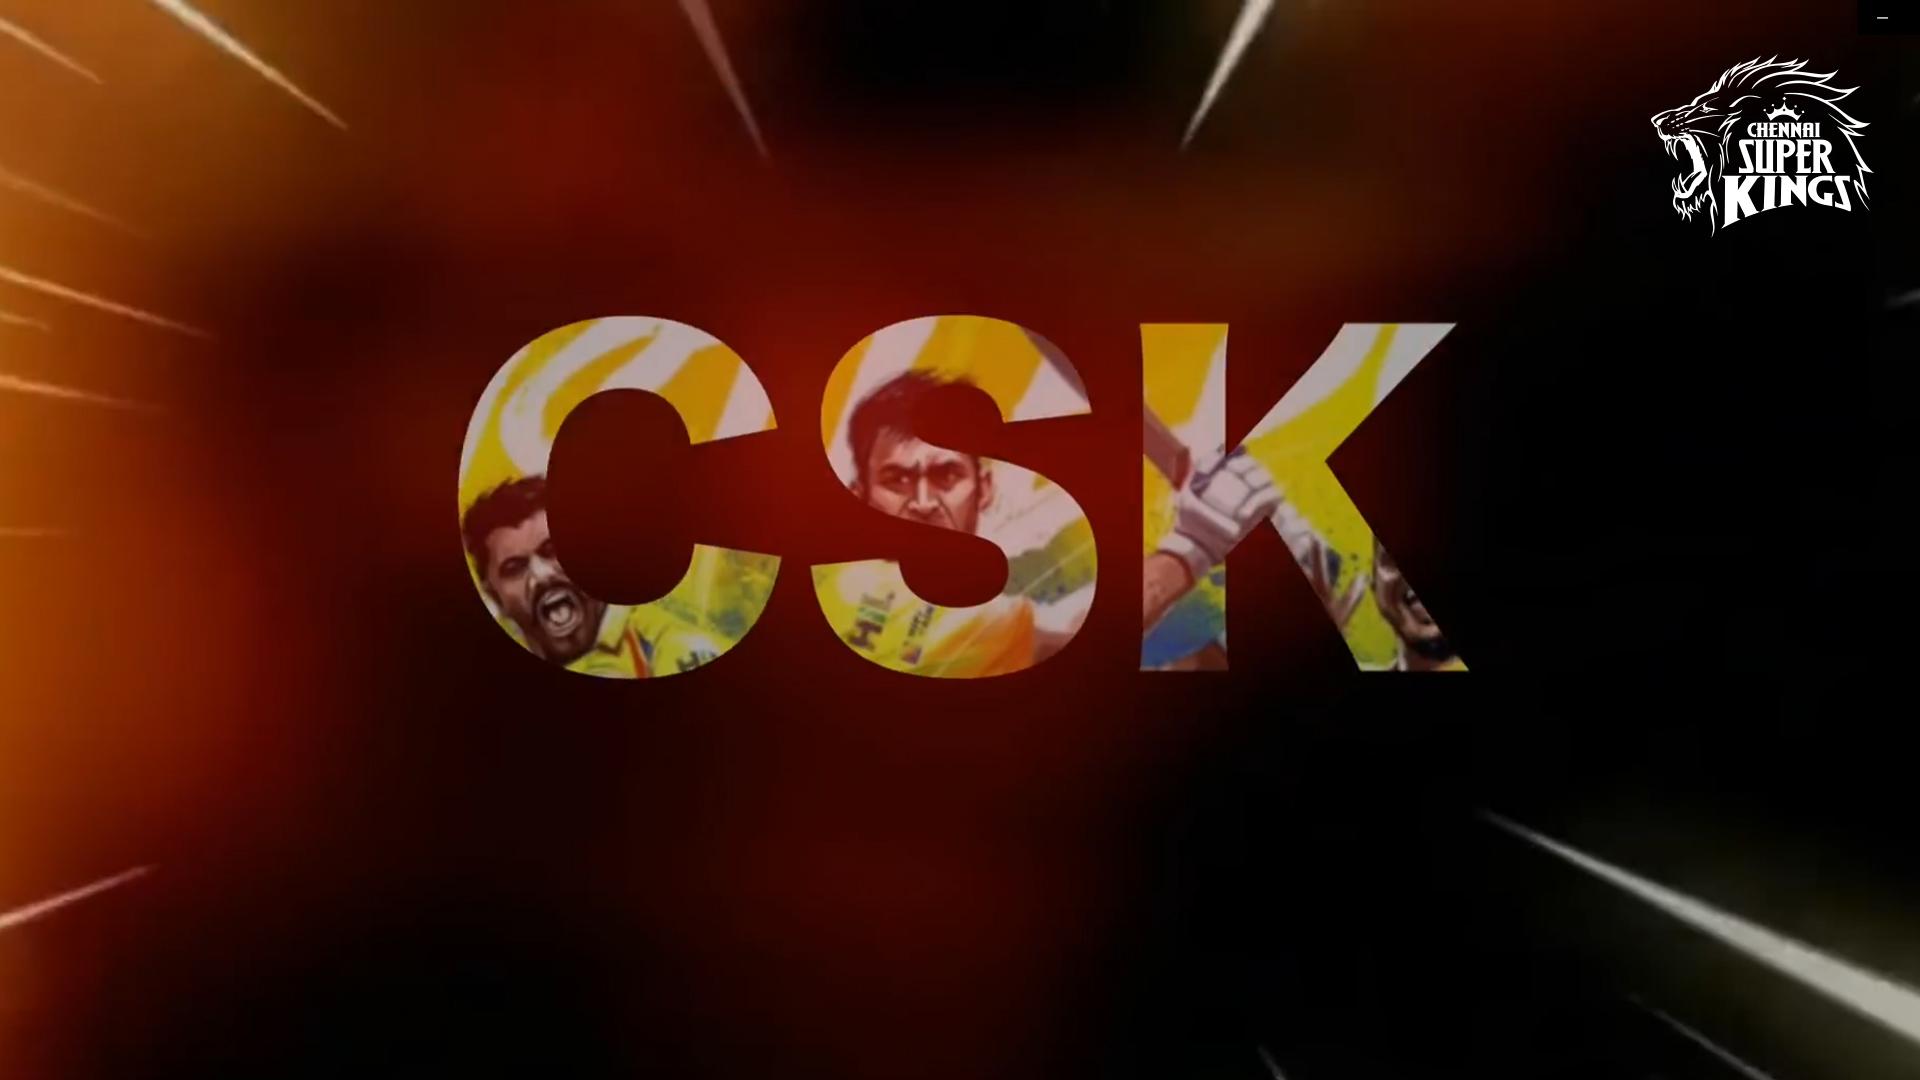 CSK - CSKTV